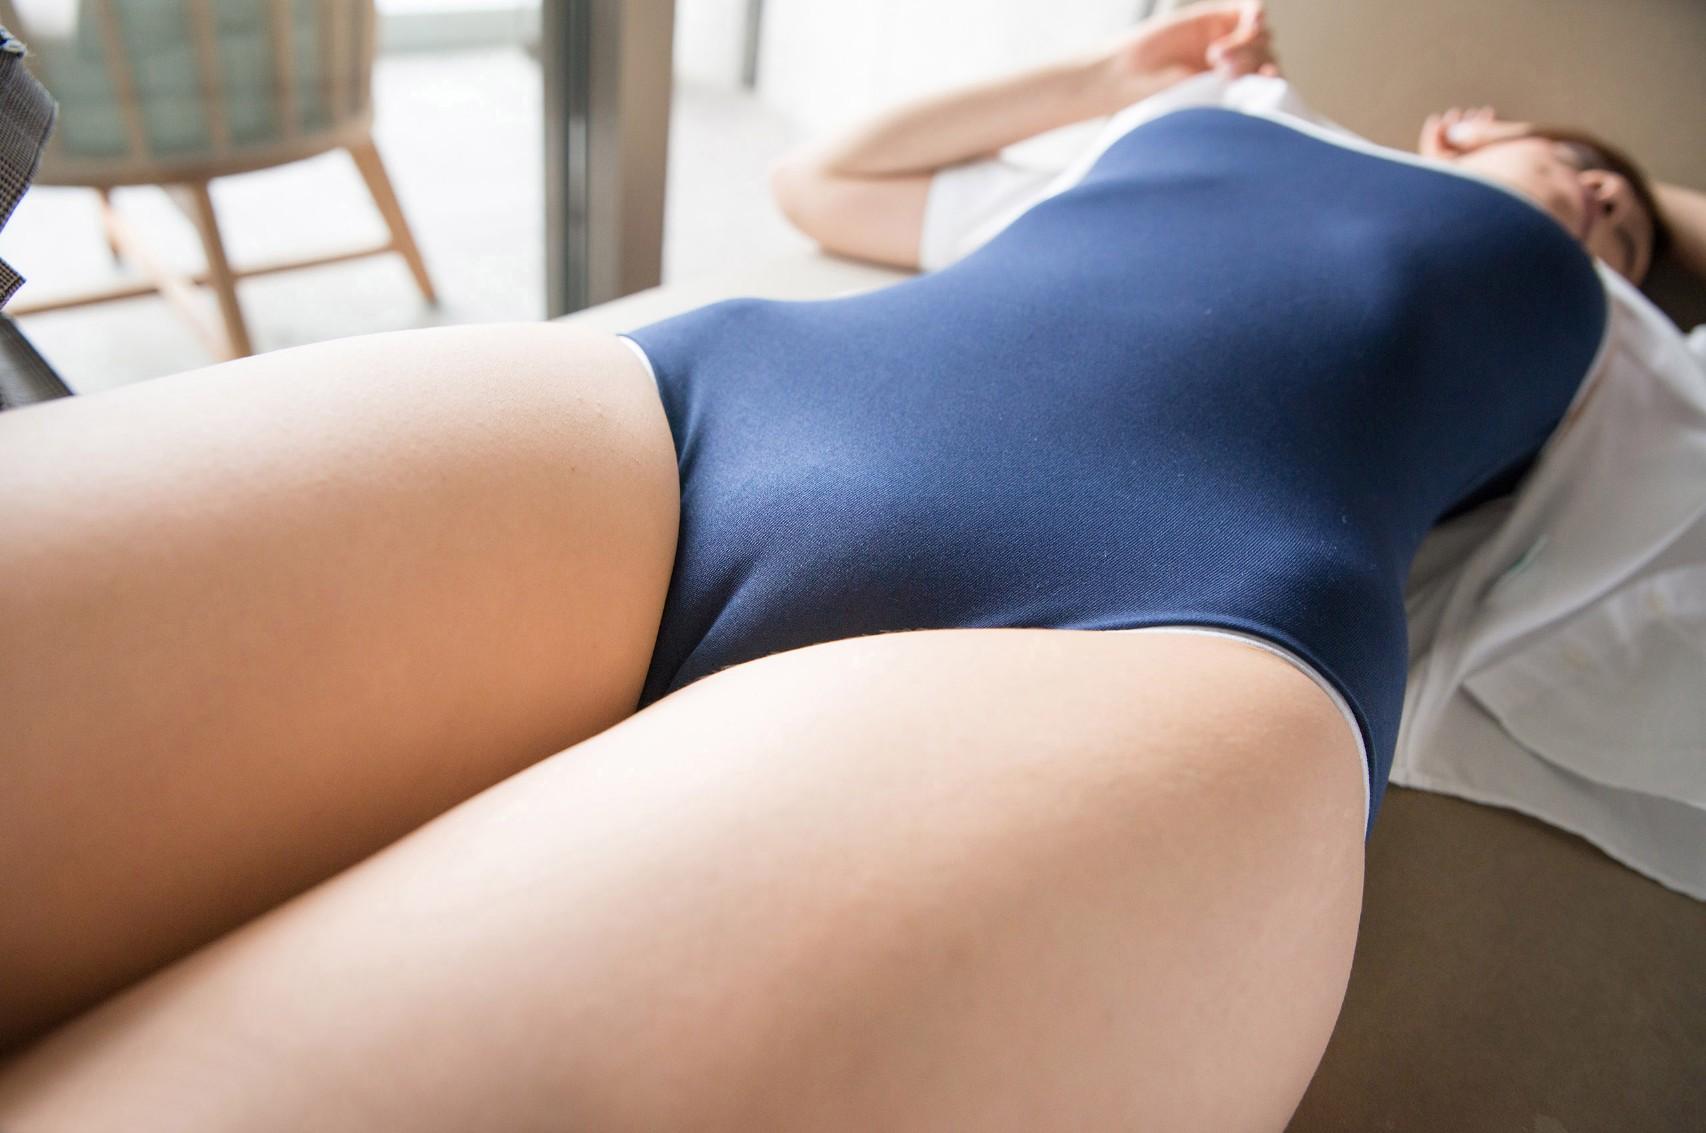 マン筋がっつり見えてる女さんの卑猥な股間のエロ姿wwwwwwww XZDdGvUc